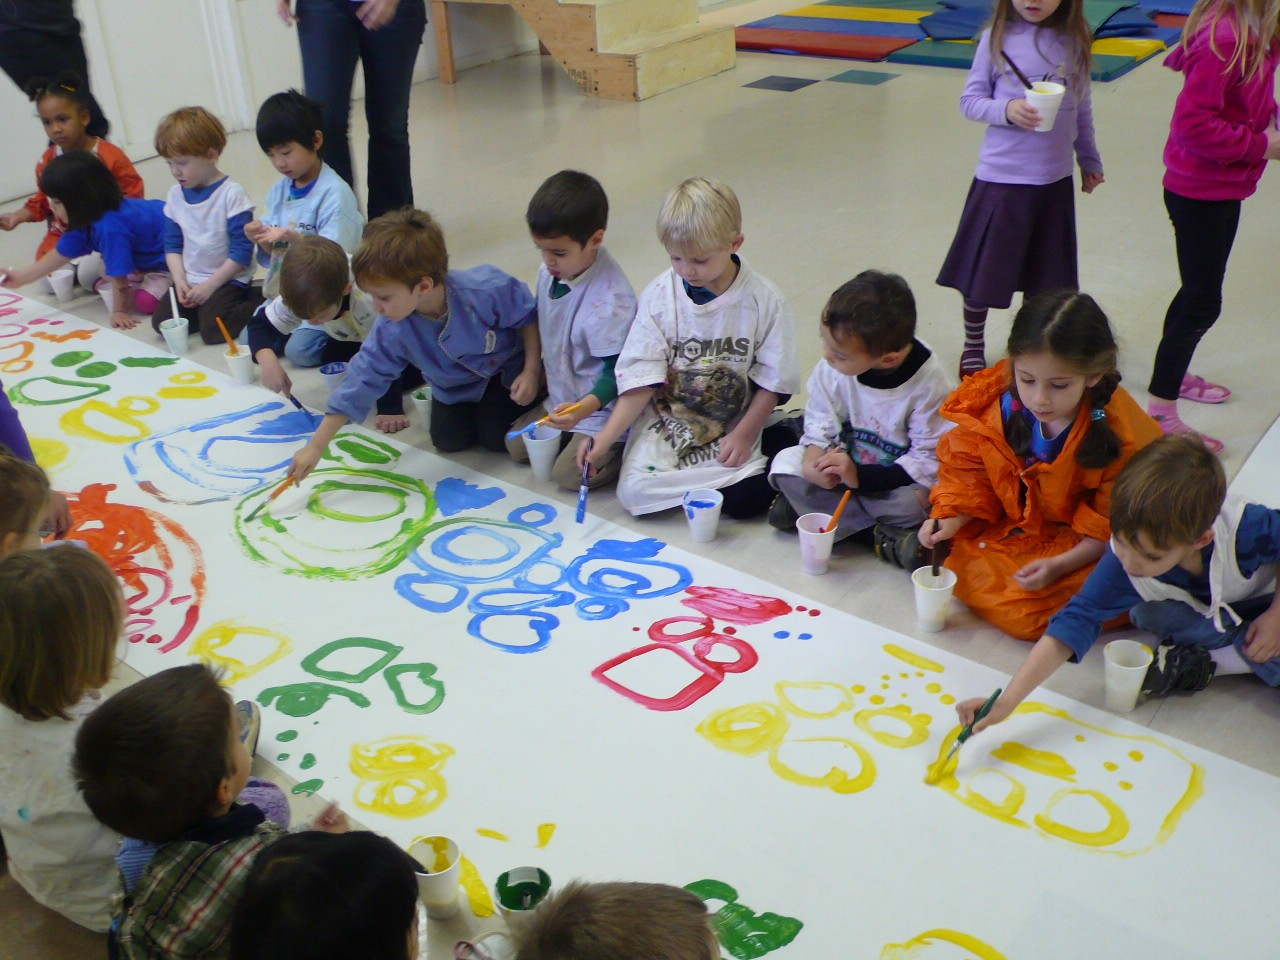 Problèmes de développement enfants - apprentissage - troubles psy